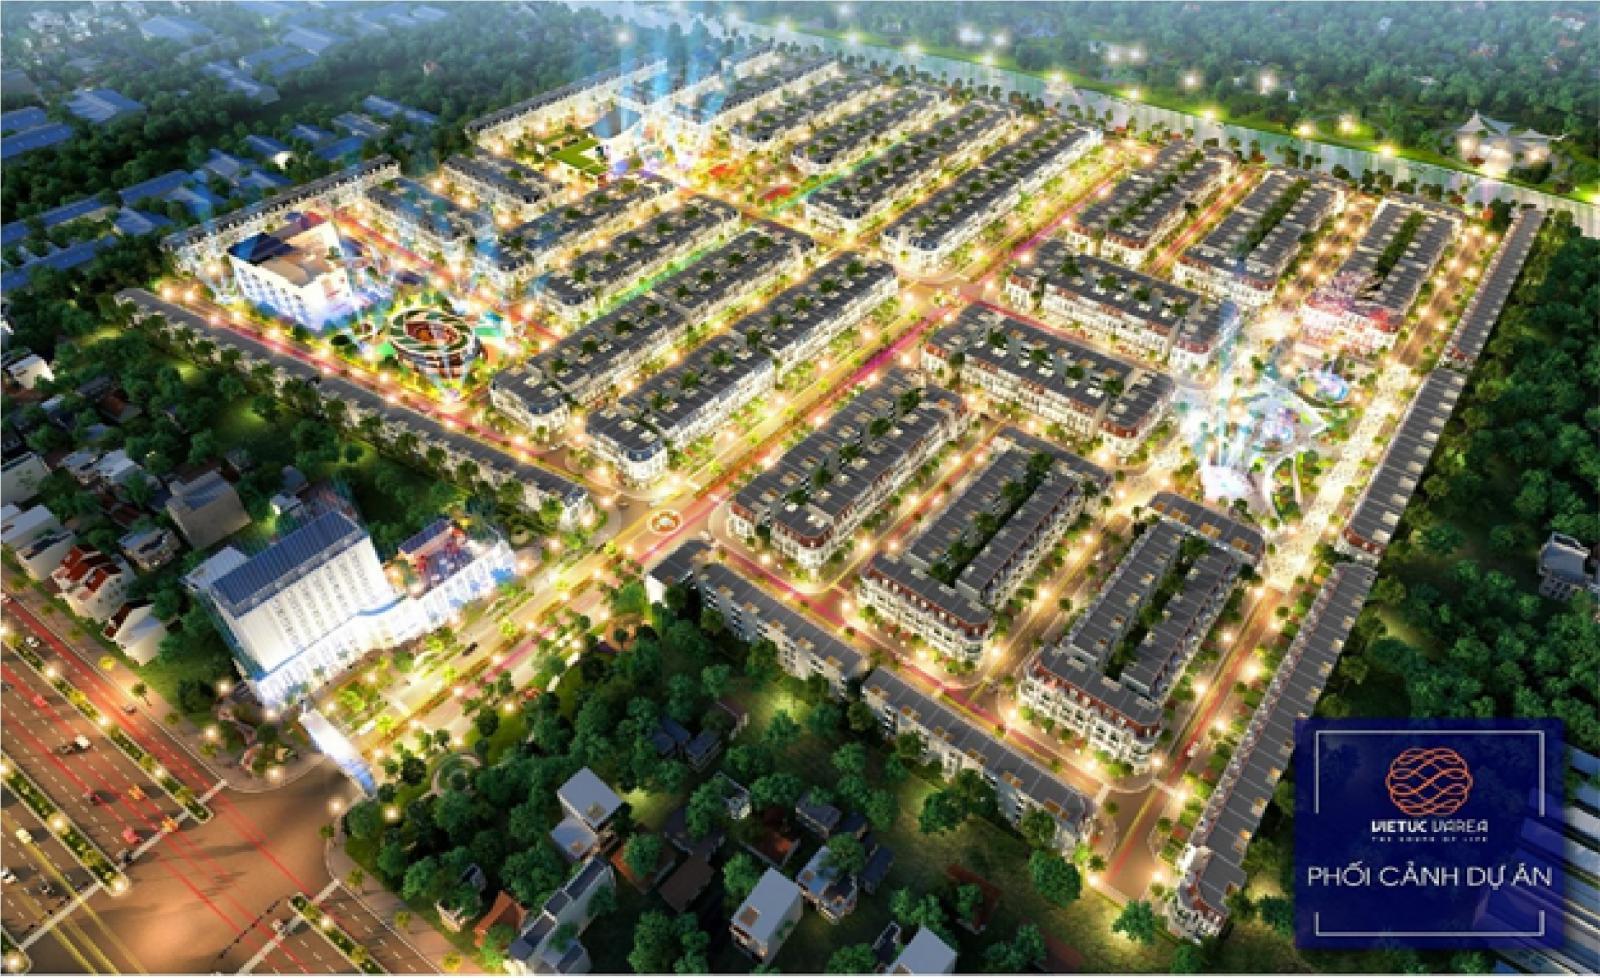 Phối cảnh đêm một dự án bất động sản nằm trong khu dân cư với nhiều cây xanh